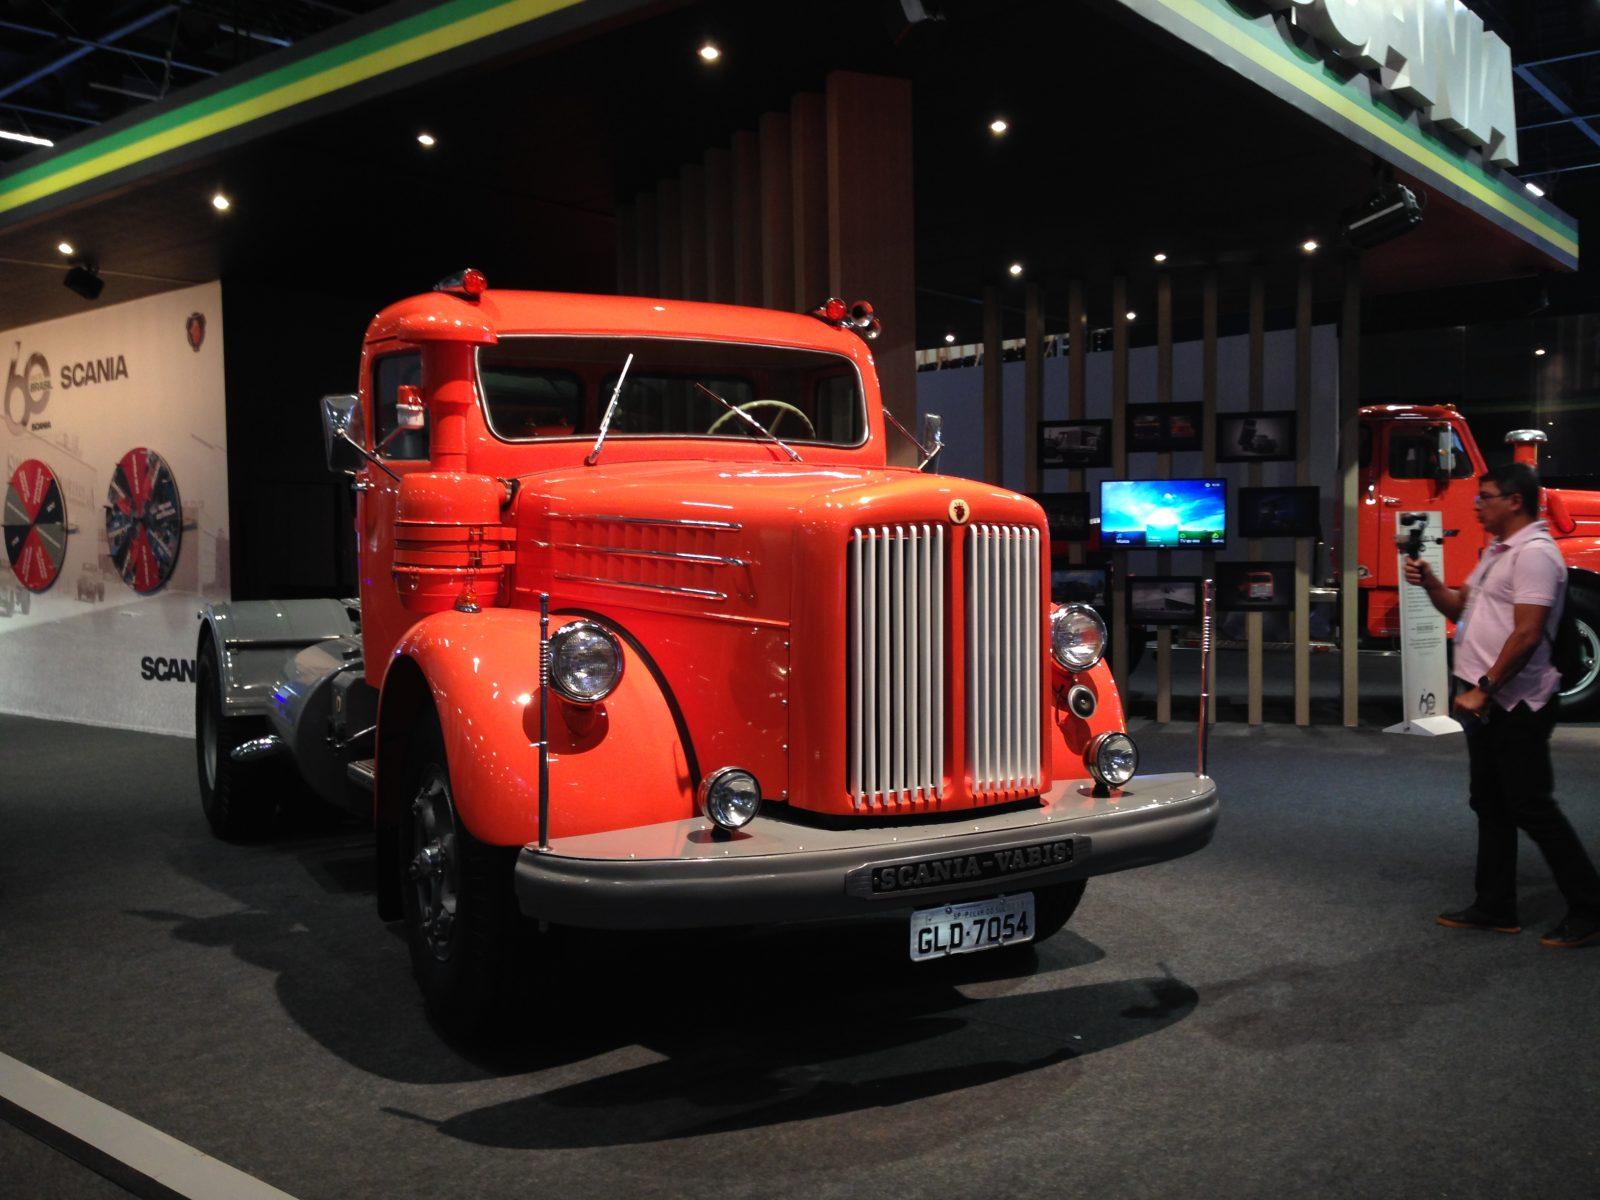 Scania L71 3